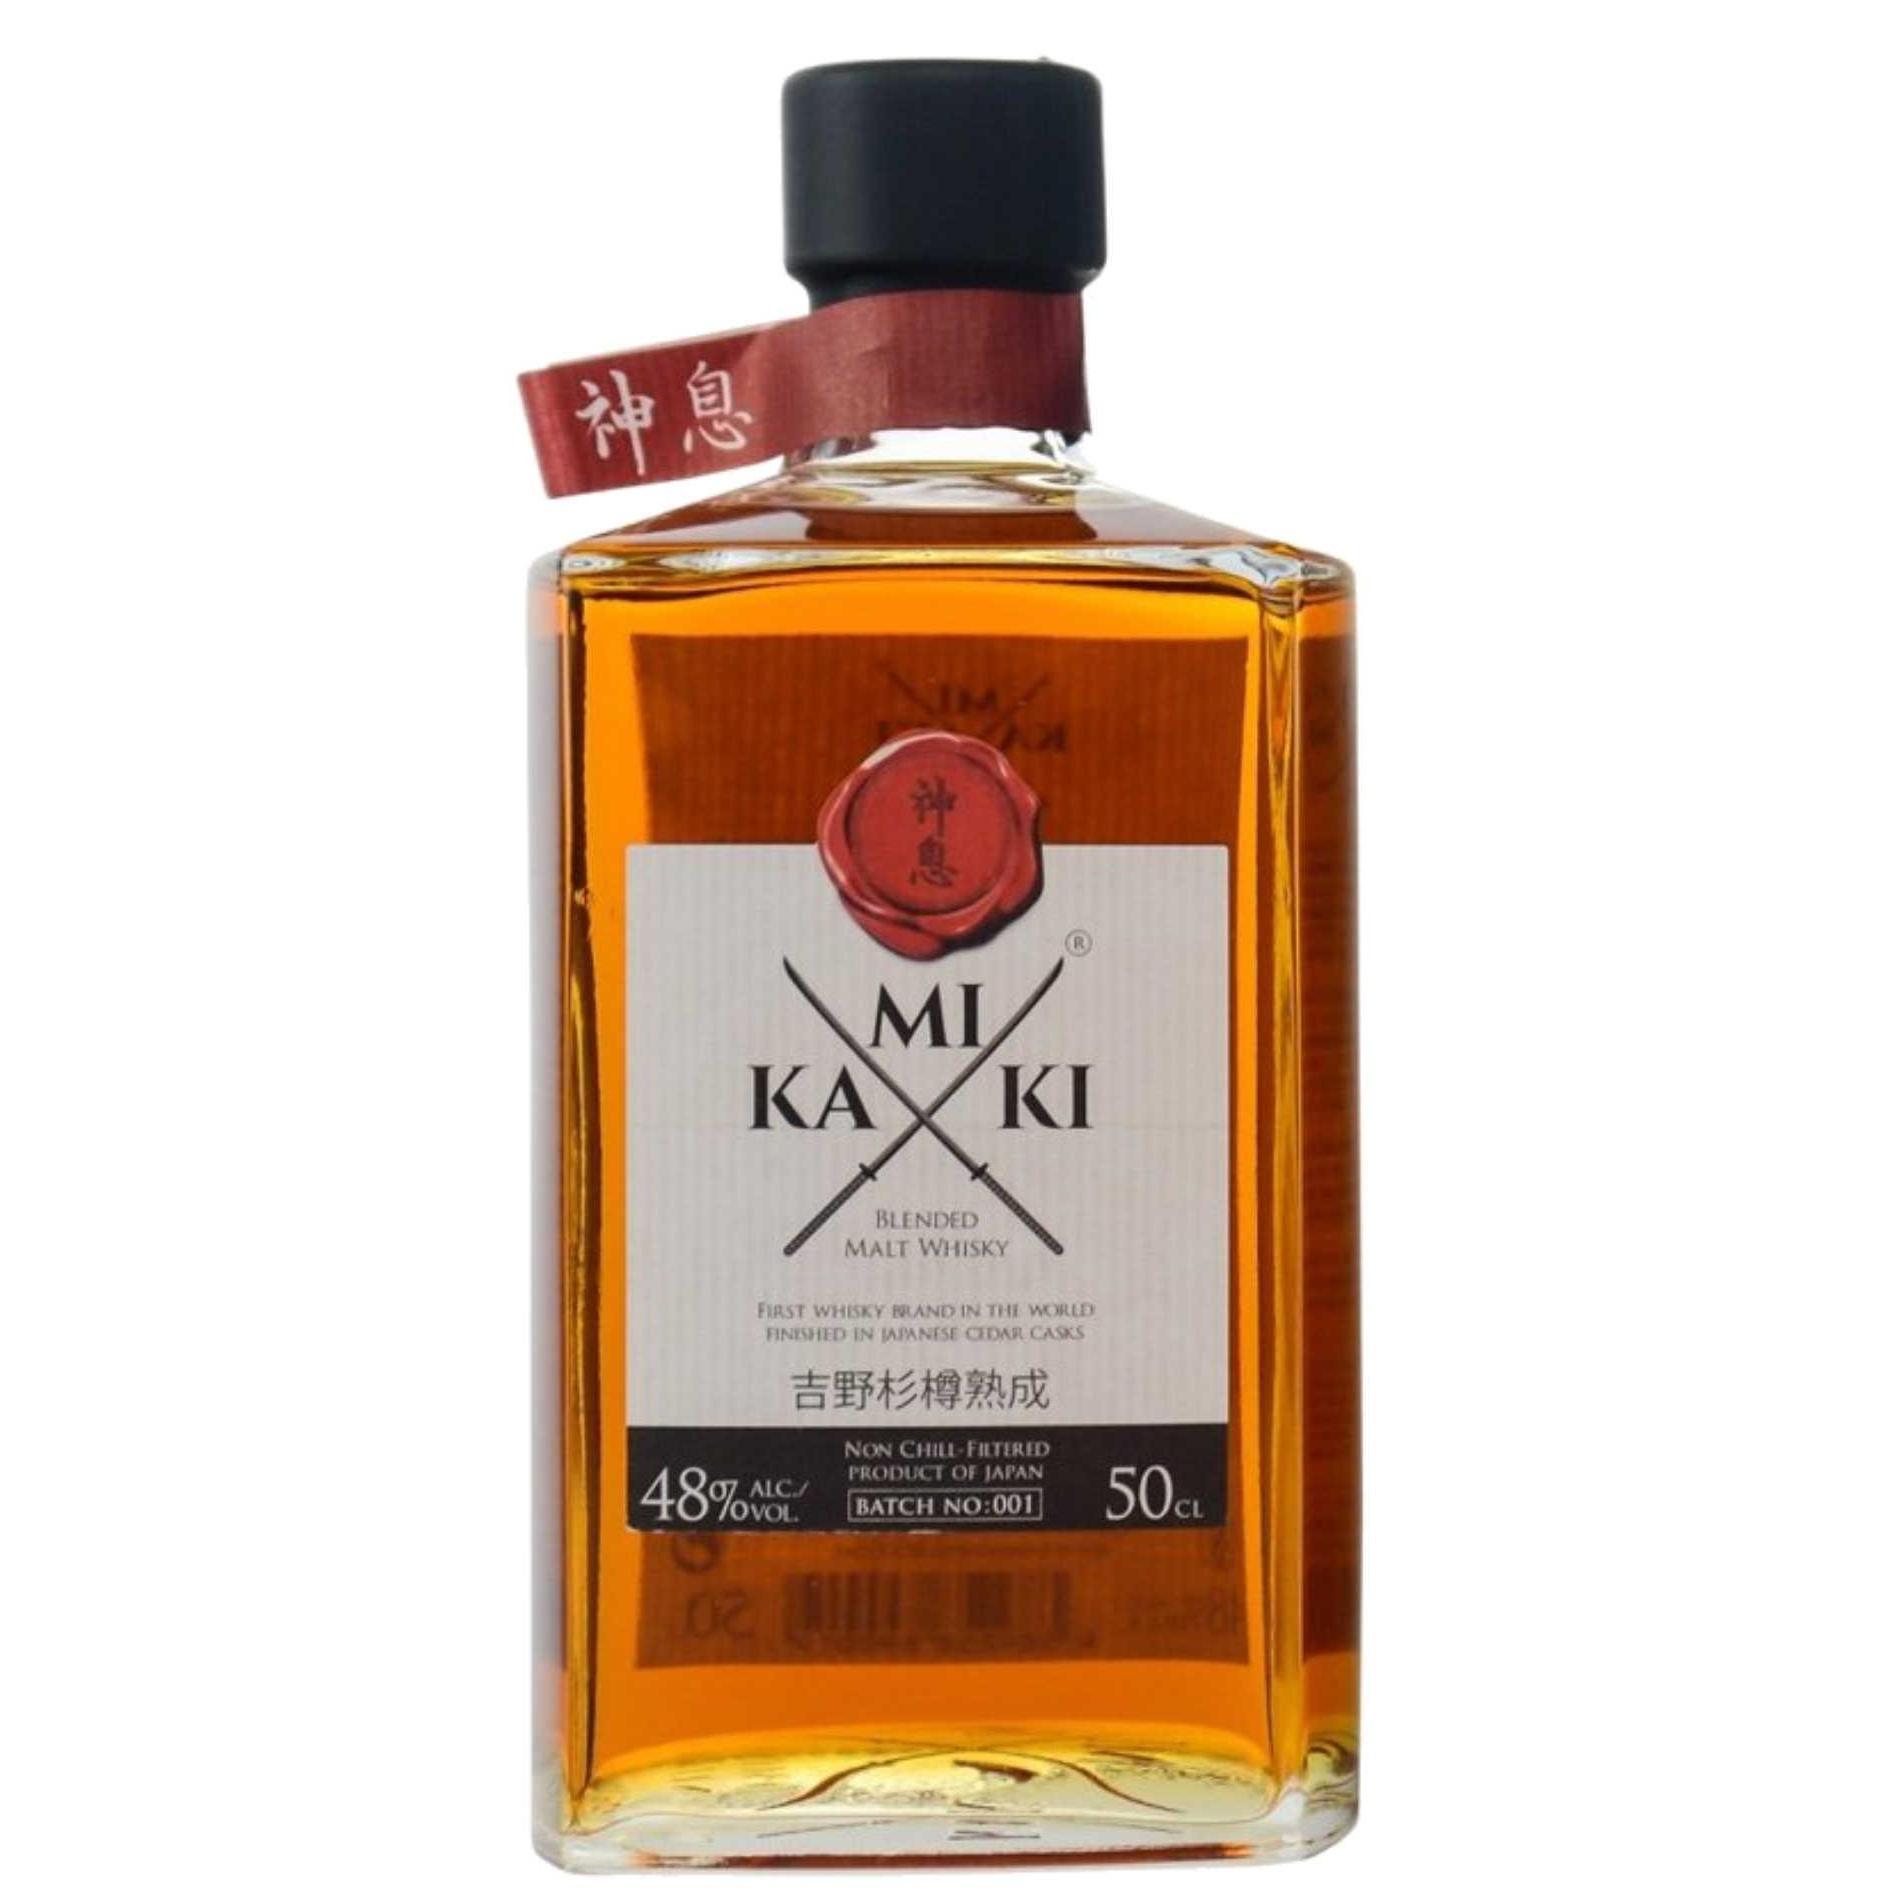 Kamiki Blended Malt Japanese Whisky